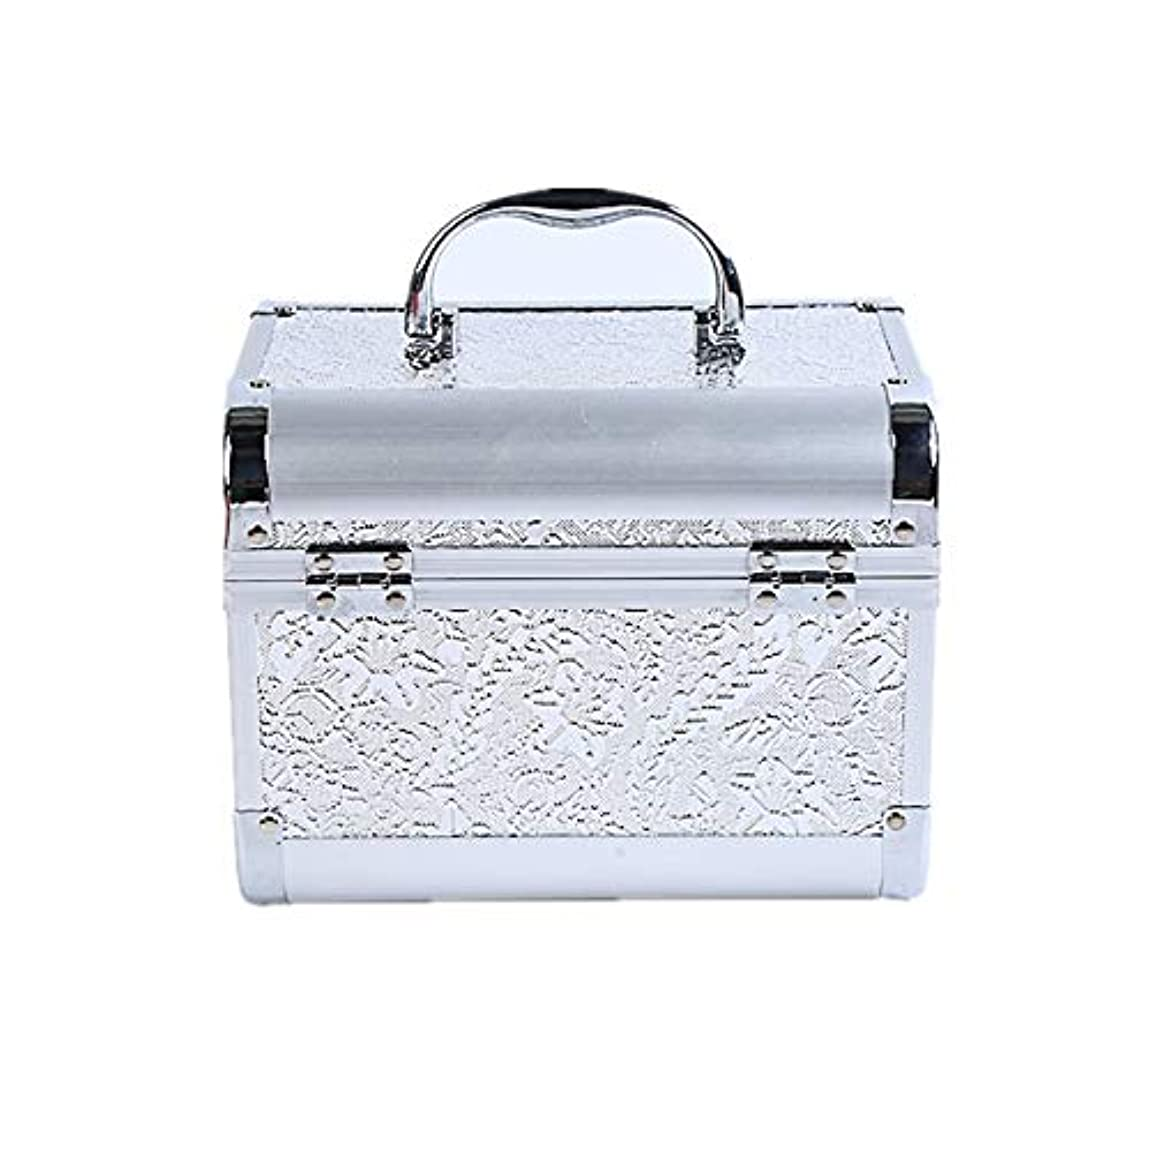 フェデレーションクリケット効果化粧オーガナイザーバッグ コード化されたロックと化粧鏡で小さなものの種類の旅行のための美容メイクアップのための白い化粧ケース 化粧品ケース